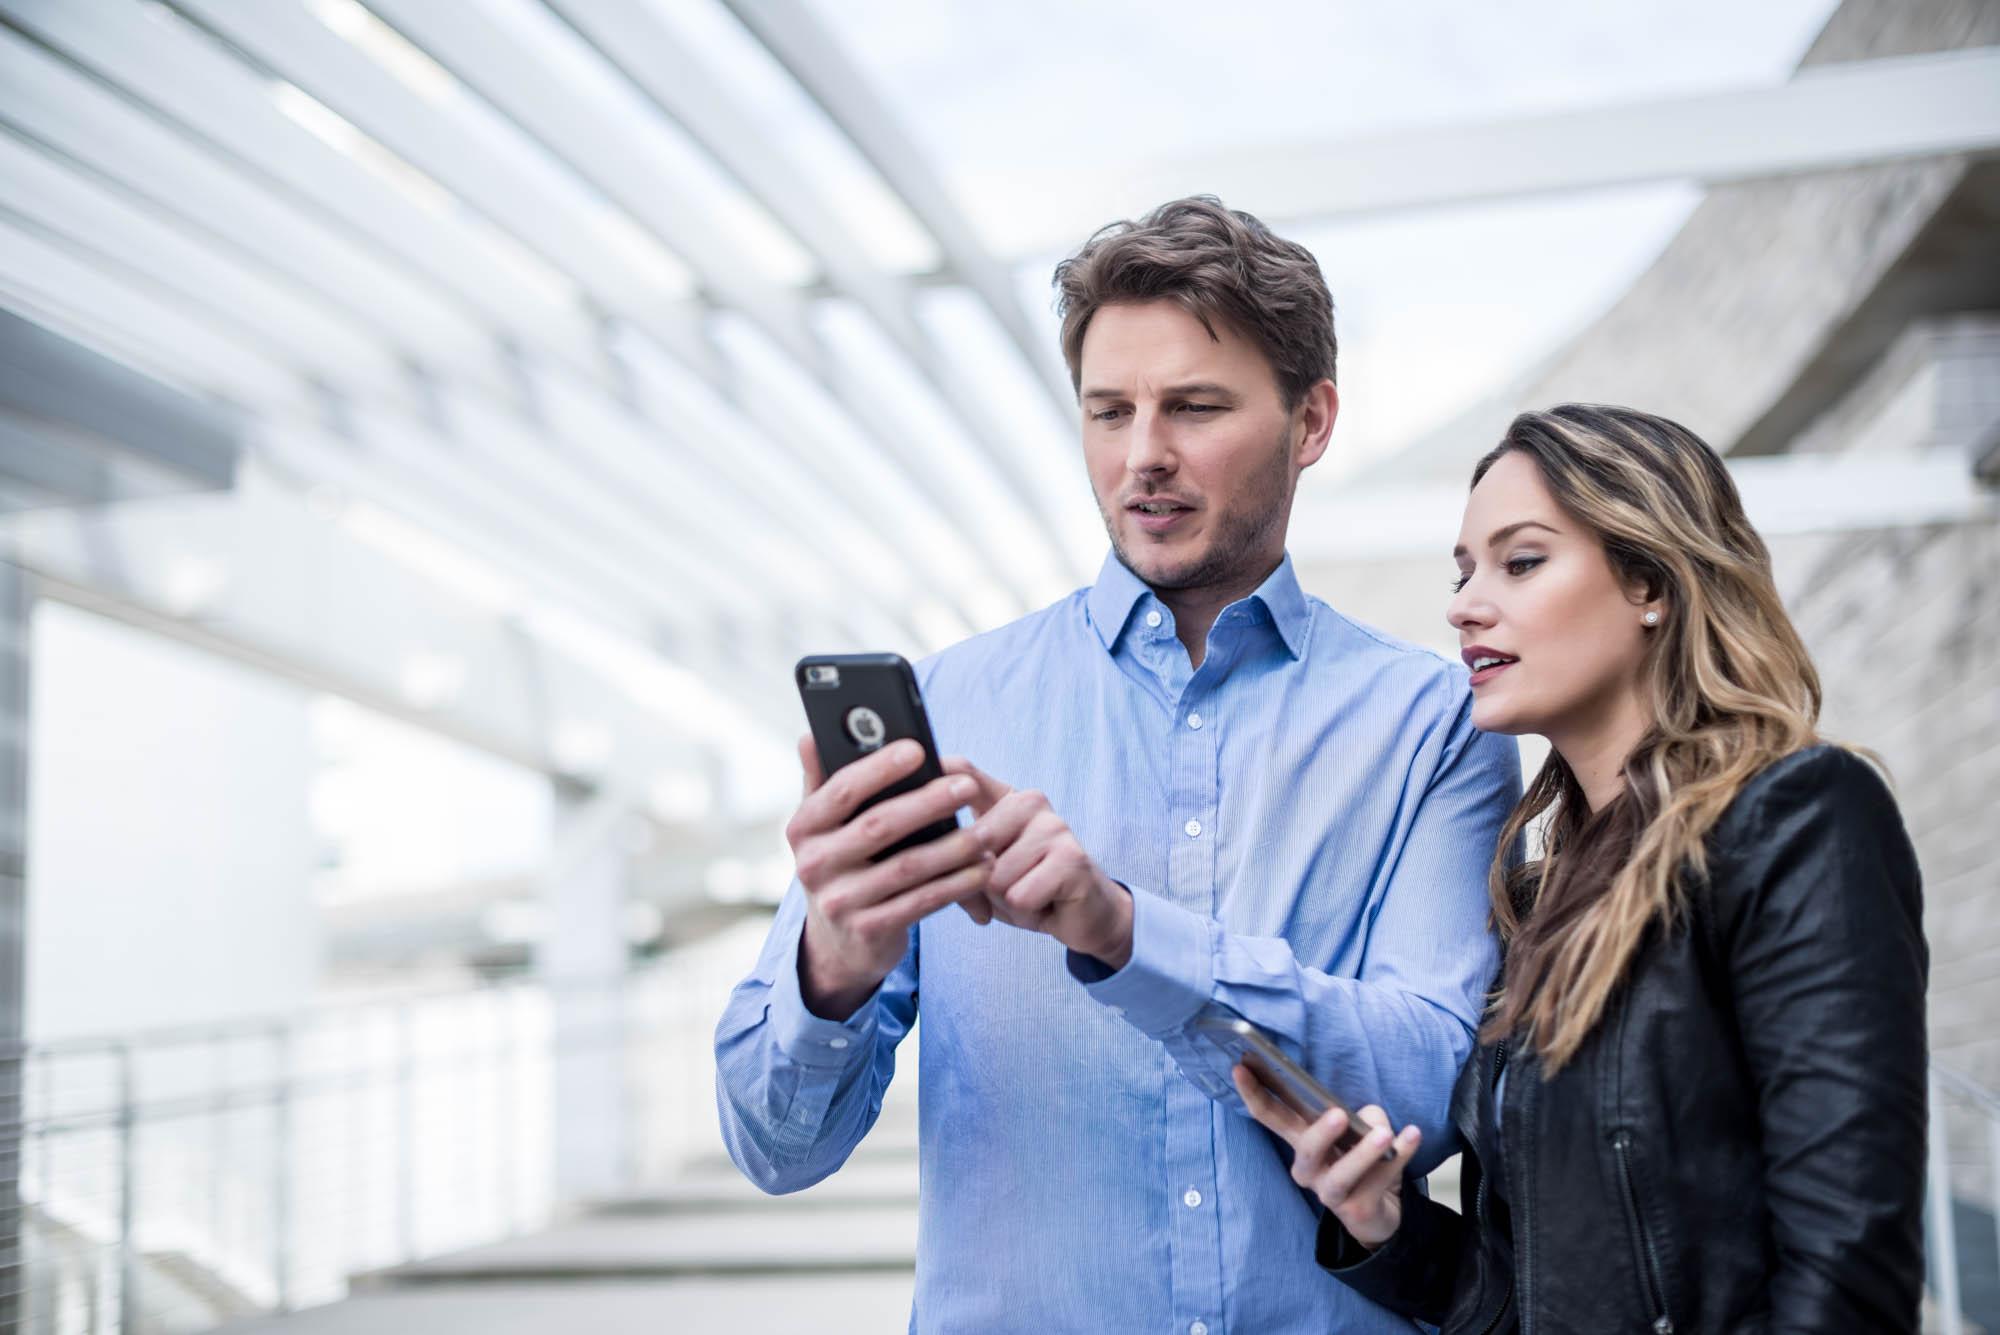 Couple-on-phones-Jordan-Reeder.jpg